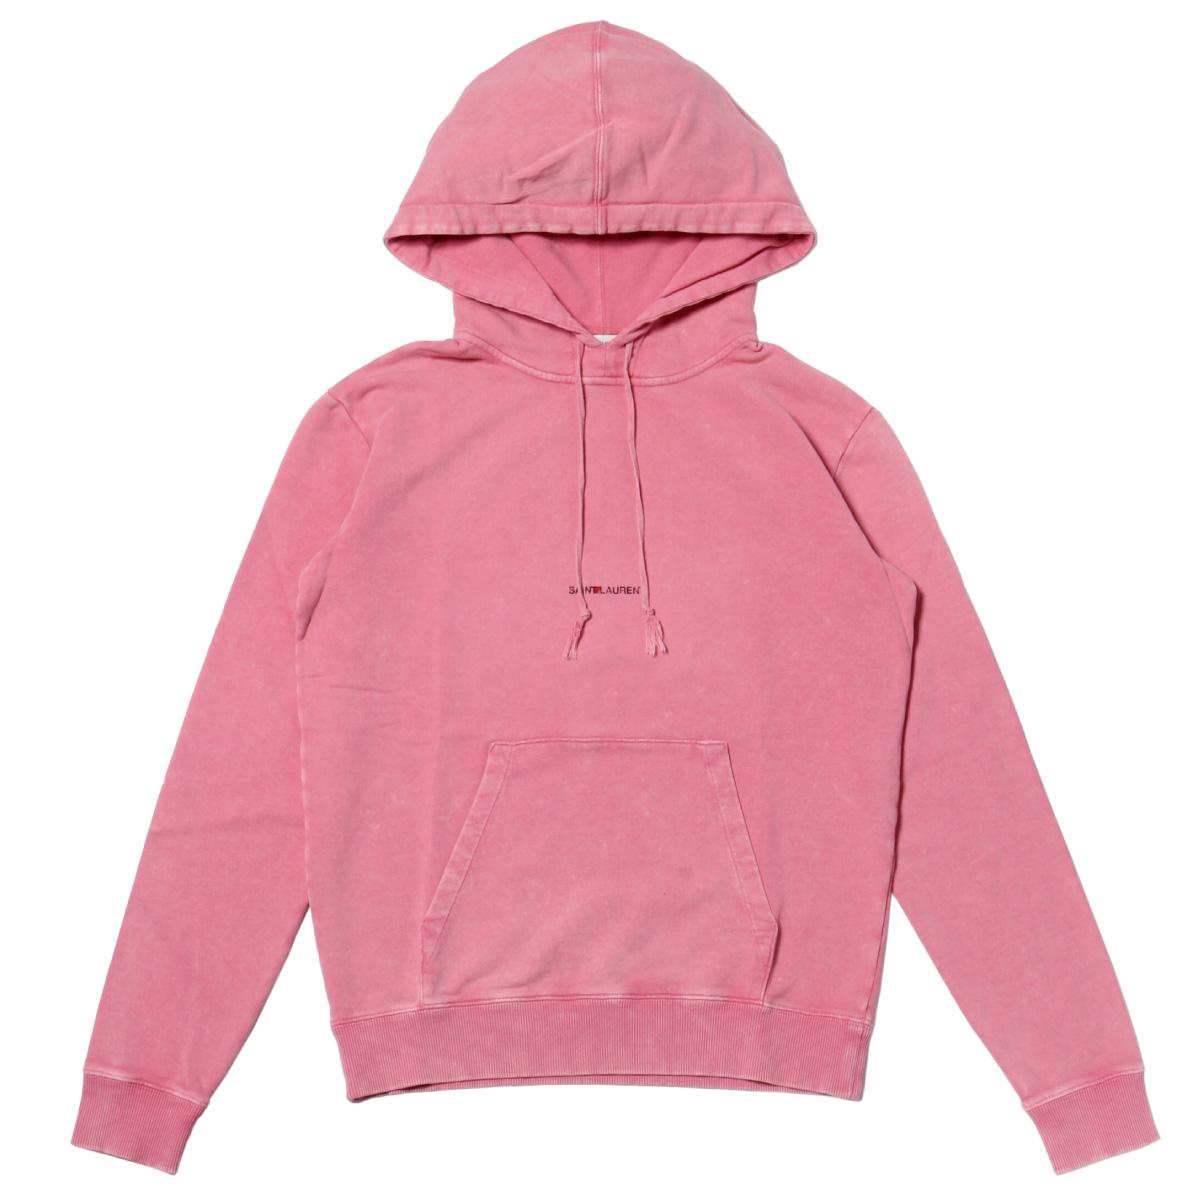 サン ローラン SAINT LAURENT パーカー メンズ 557555 YB2YE 6469 フード付 長袖パーカー PINK ピンク